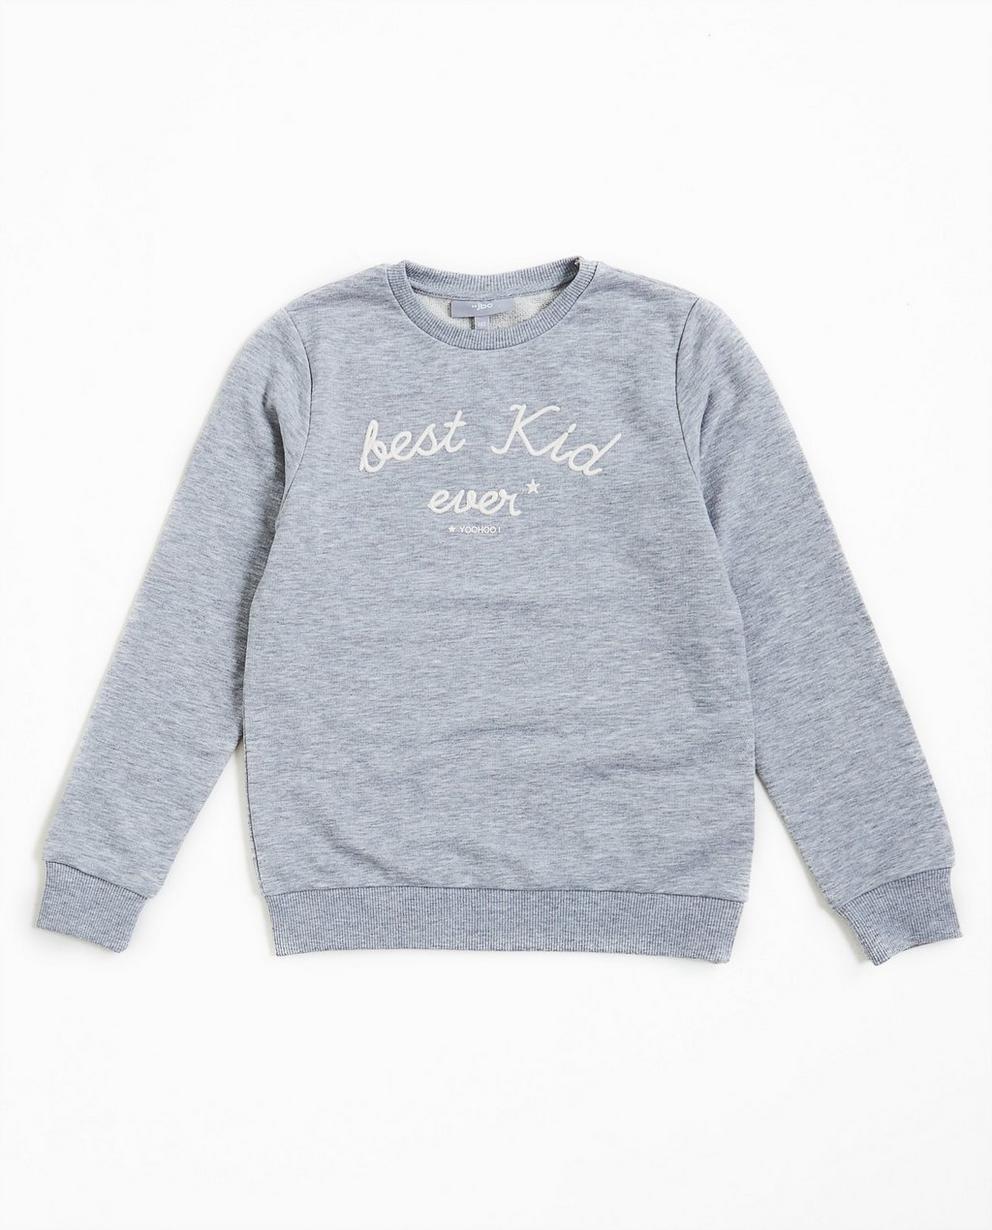 Graues Sweatshirt - #familystoriesjbc - JBC